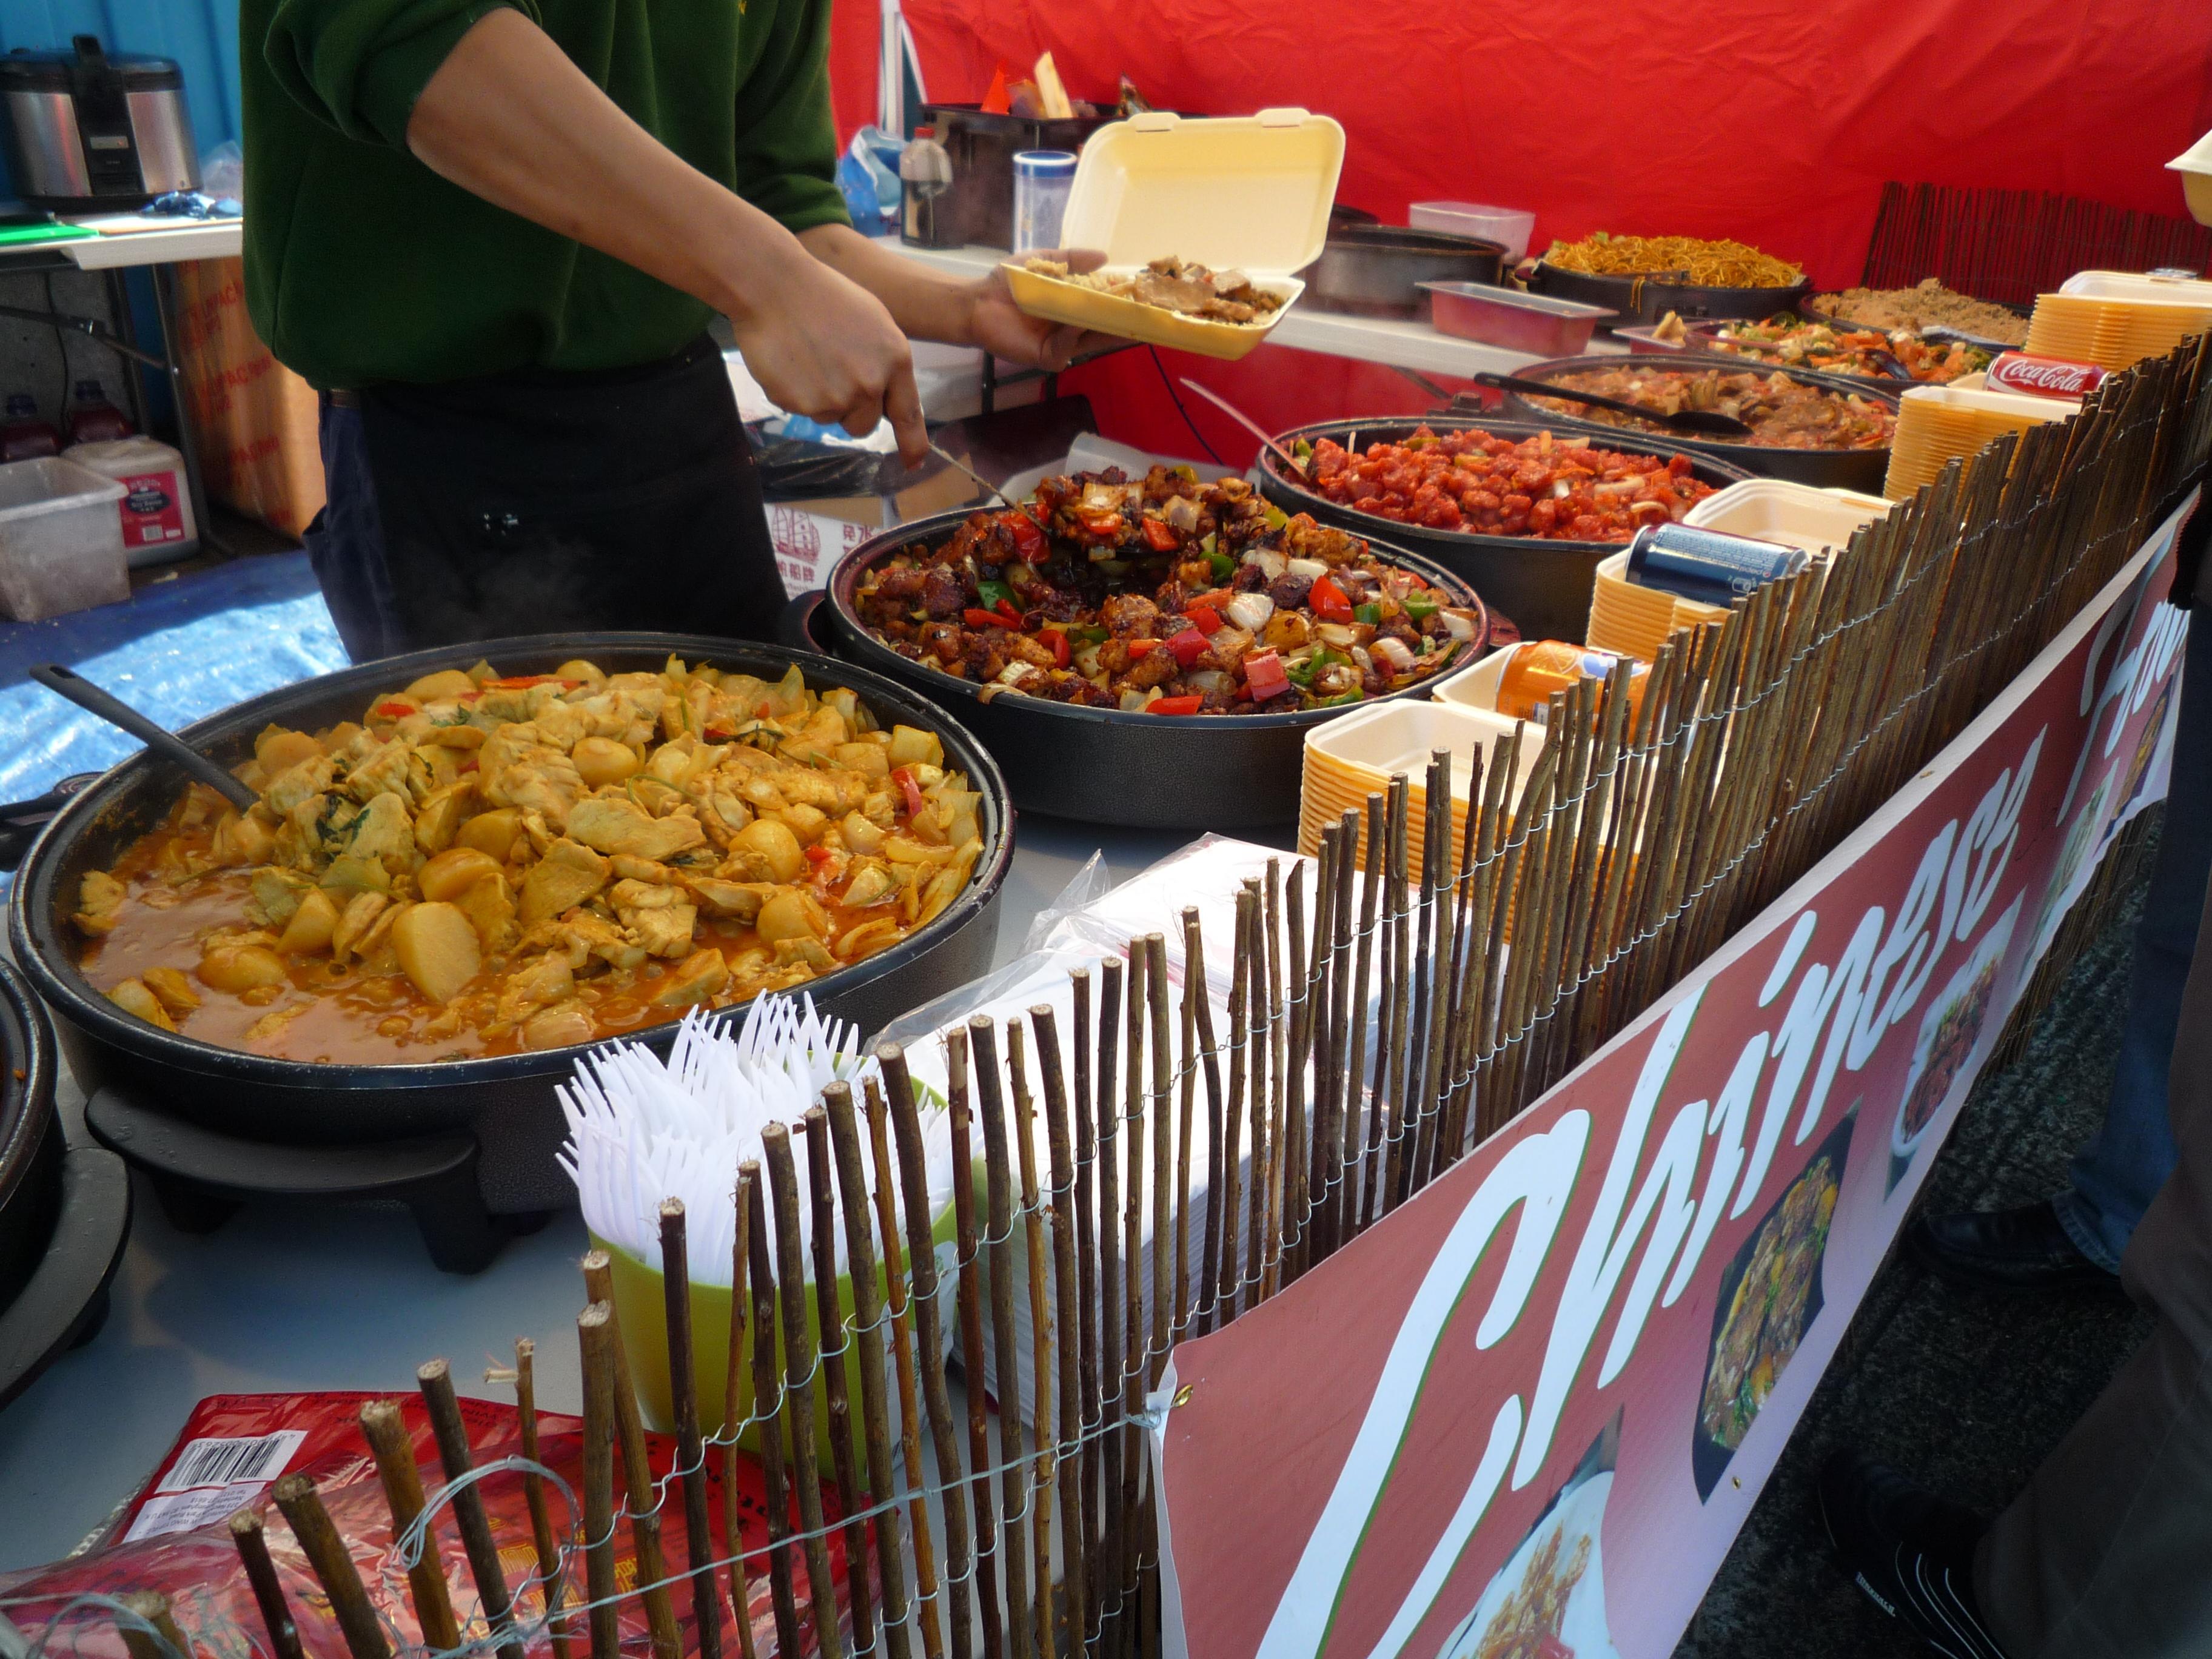 East-midlands-food-festival7